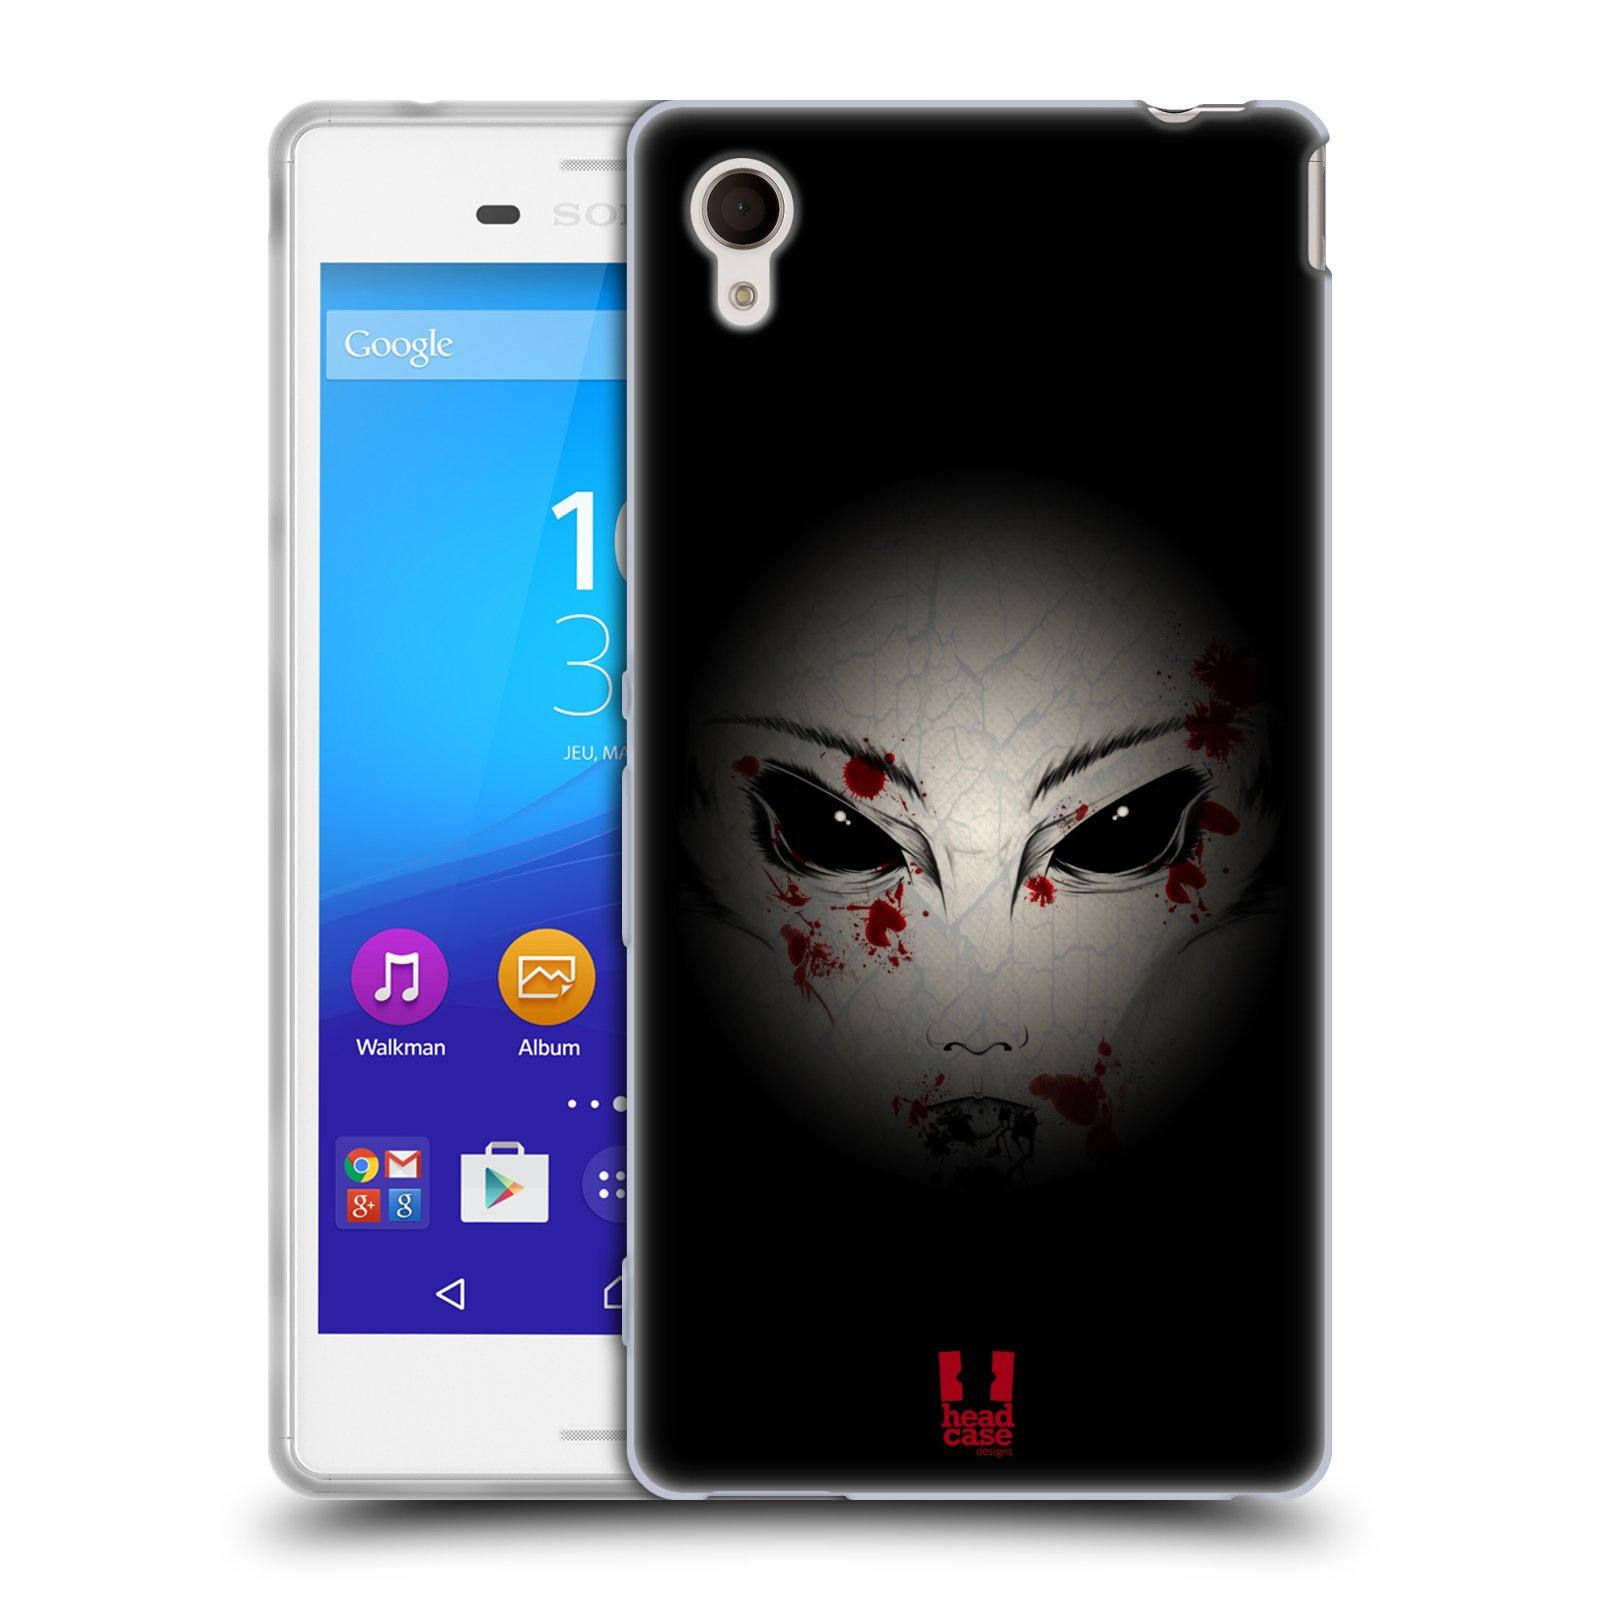 Silikonové pouzdro na mobil Sony Xperia M4 Aqua E2303 HEAD CASE Macabre (Silikonový kryt či obal na mobilní telefon Sony Xperia M4 Aqua a M4 Aqua Dual SIM)